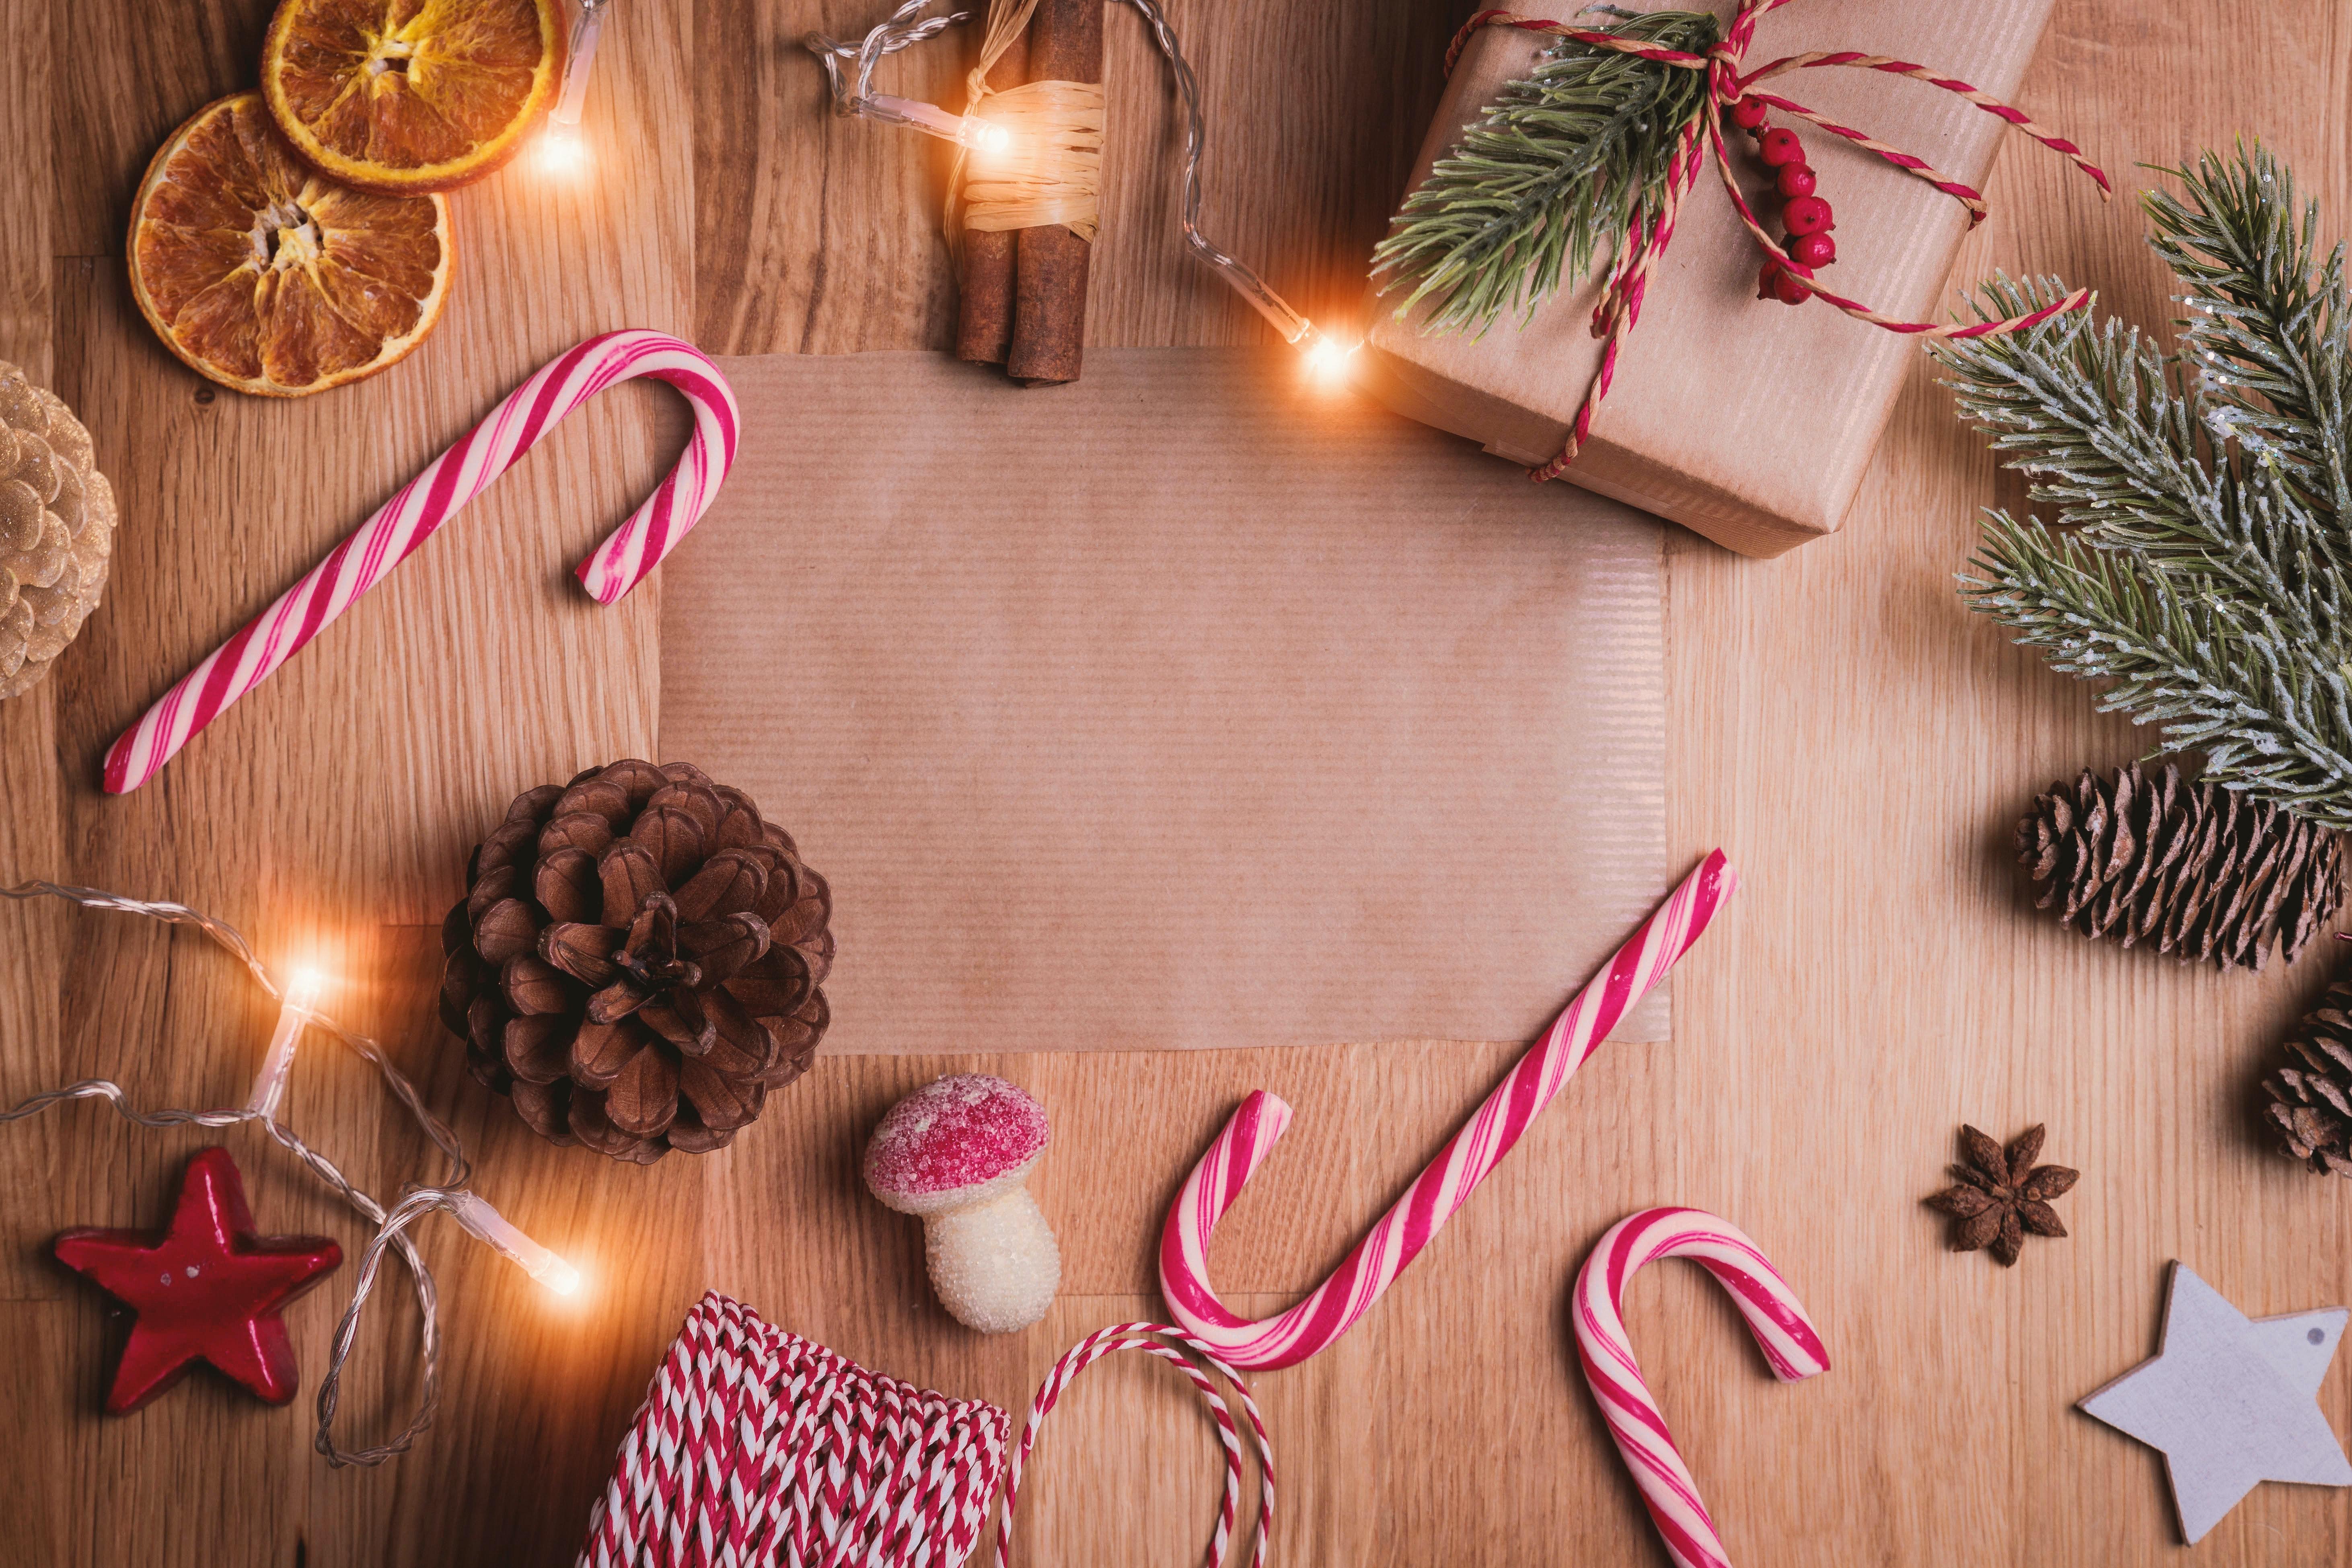 Natale 2020: 5 idee per offrire la migliore Customer Experience